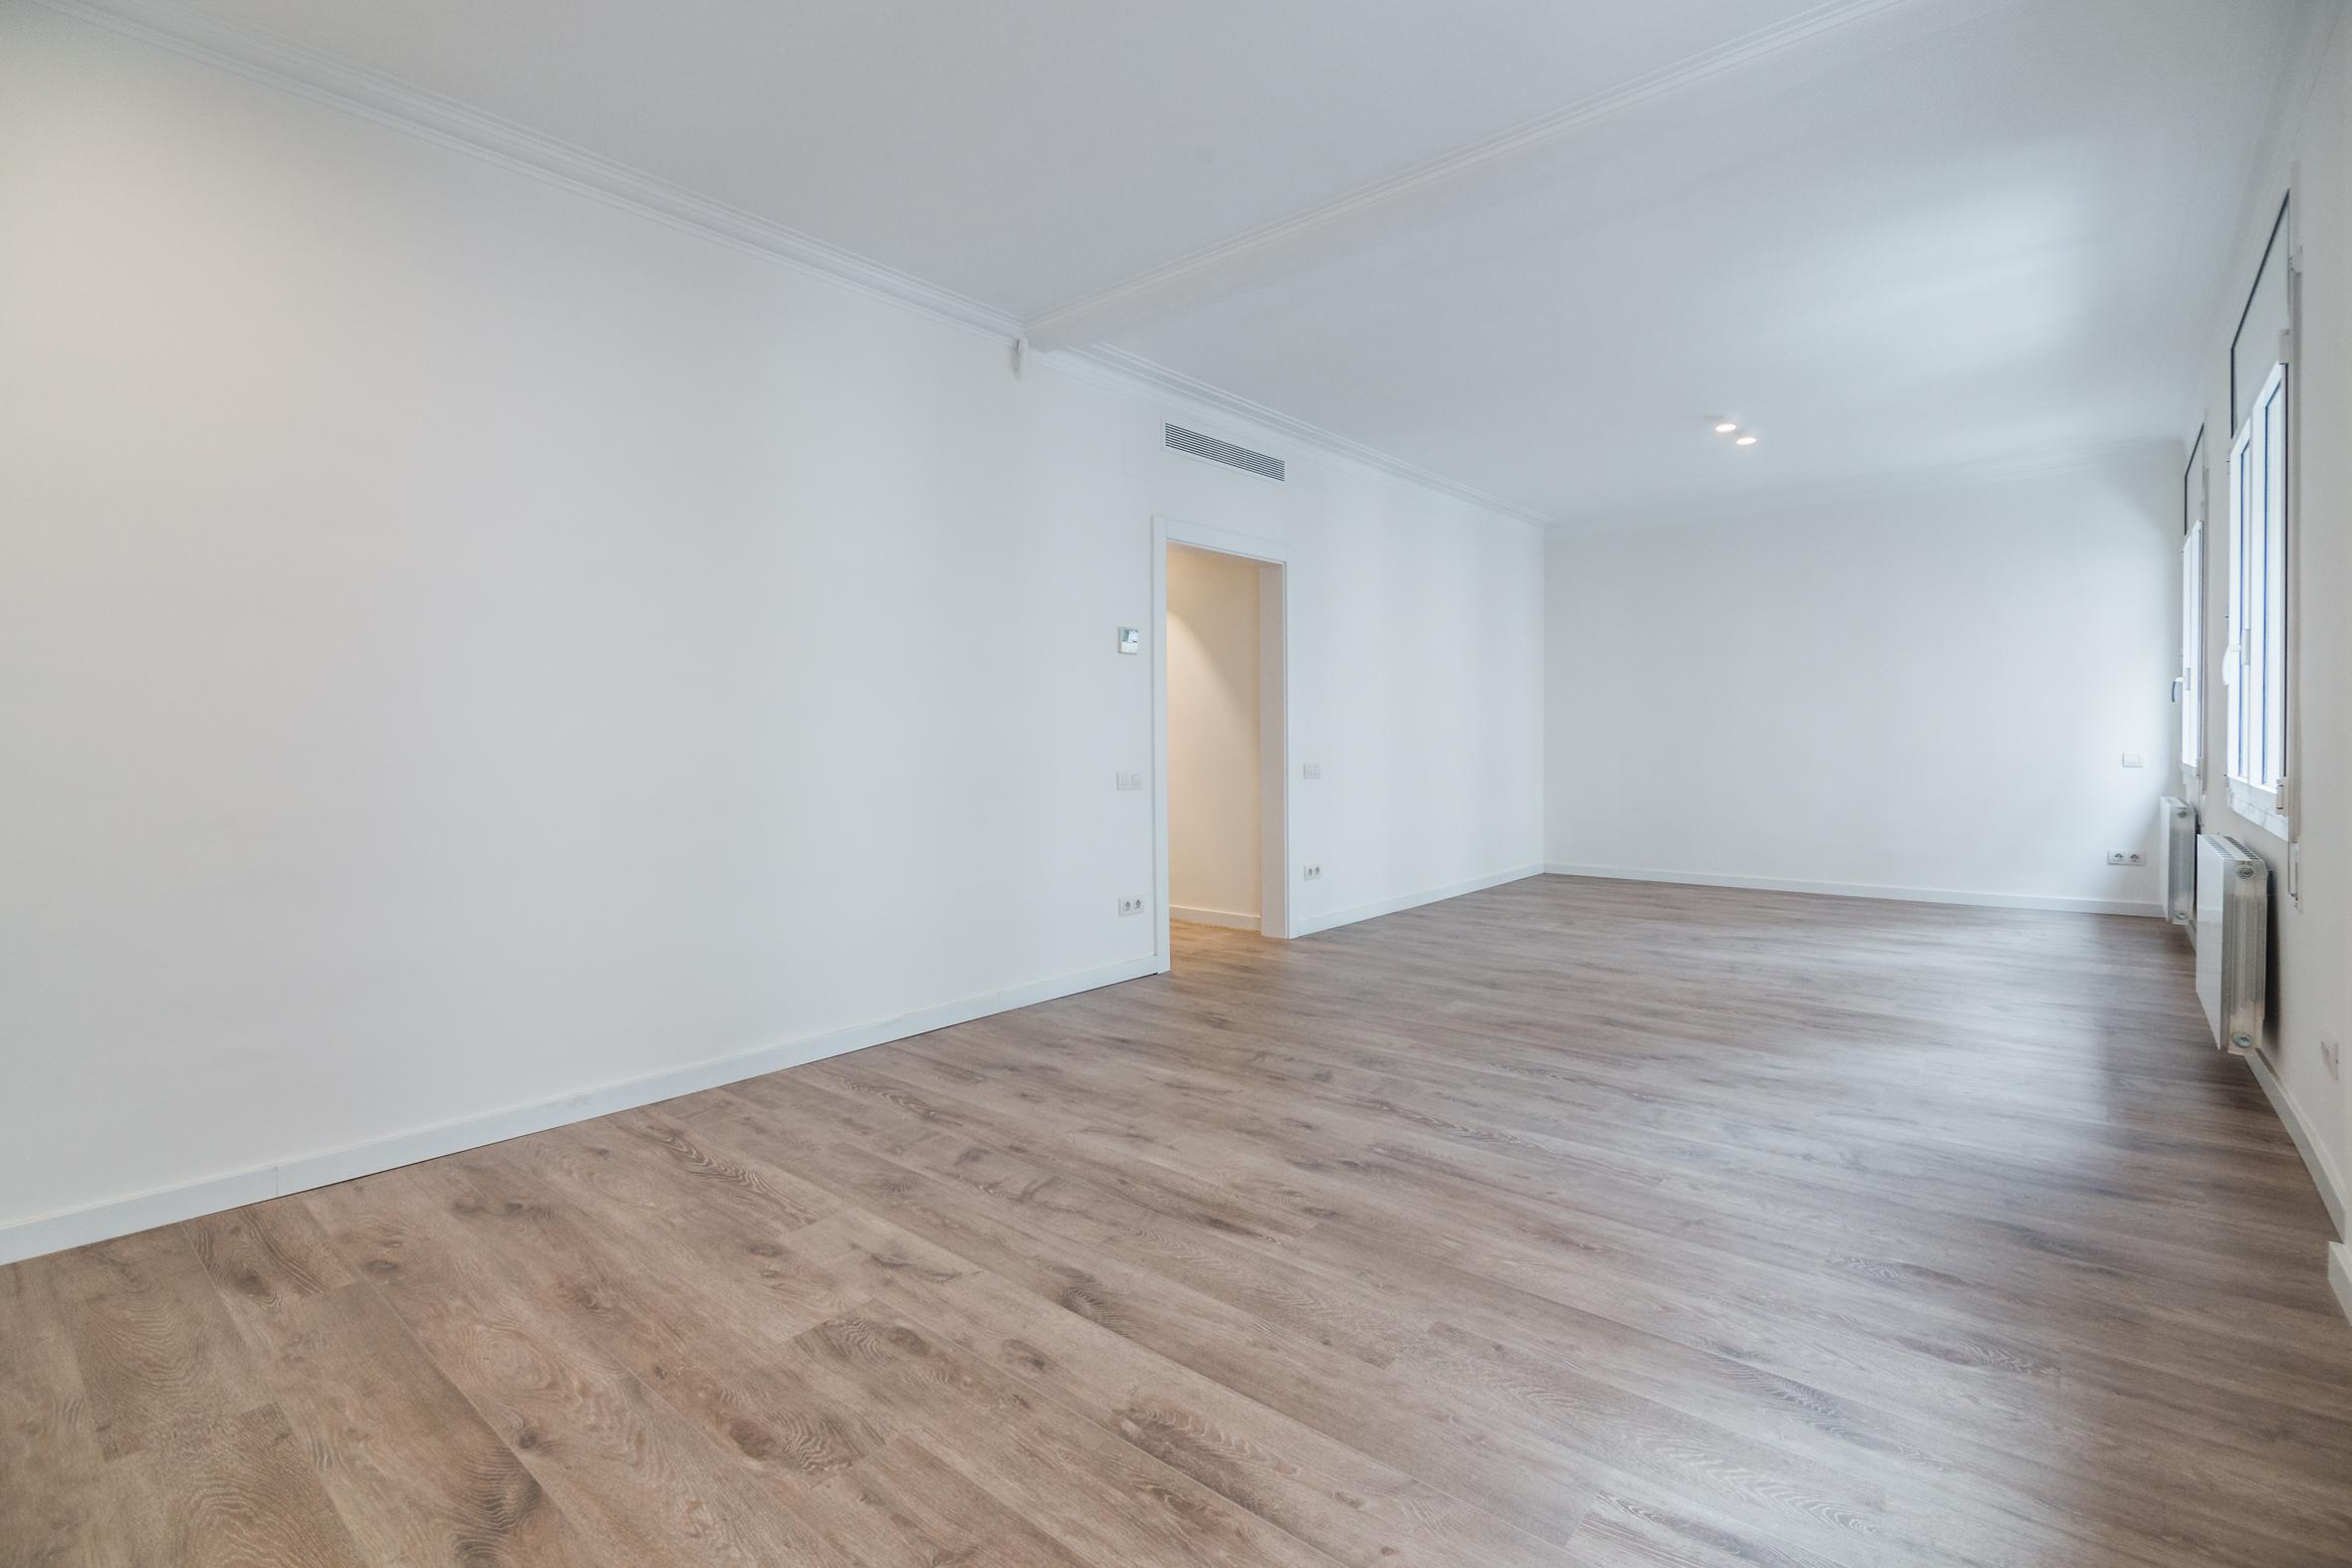 202959 Apartamento en venda en Sarrià-Sant Gervasi, St. Gervasi-Bonanova 10